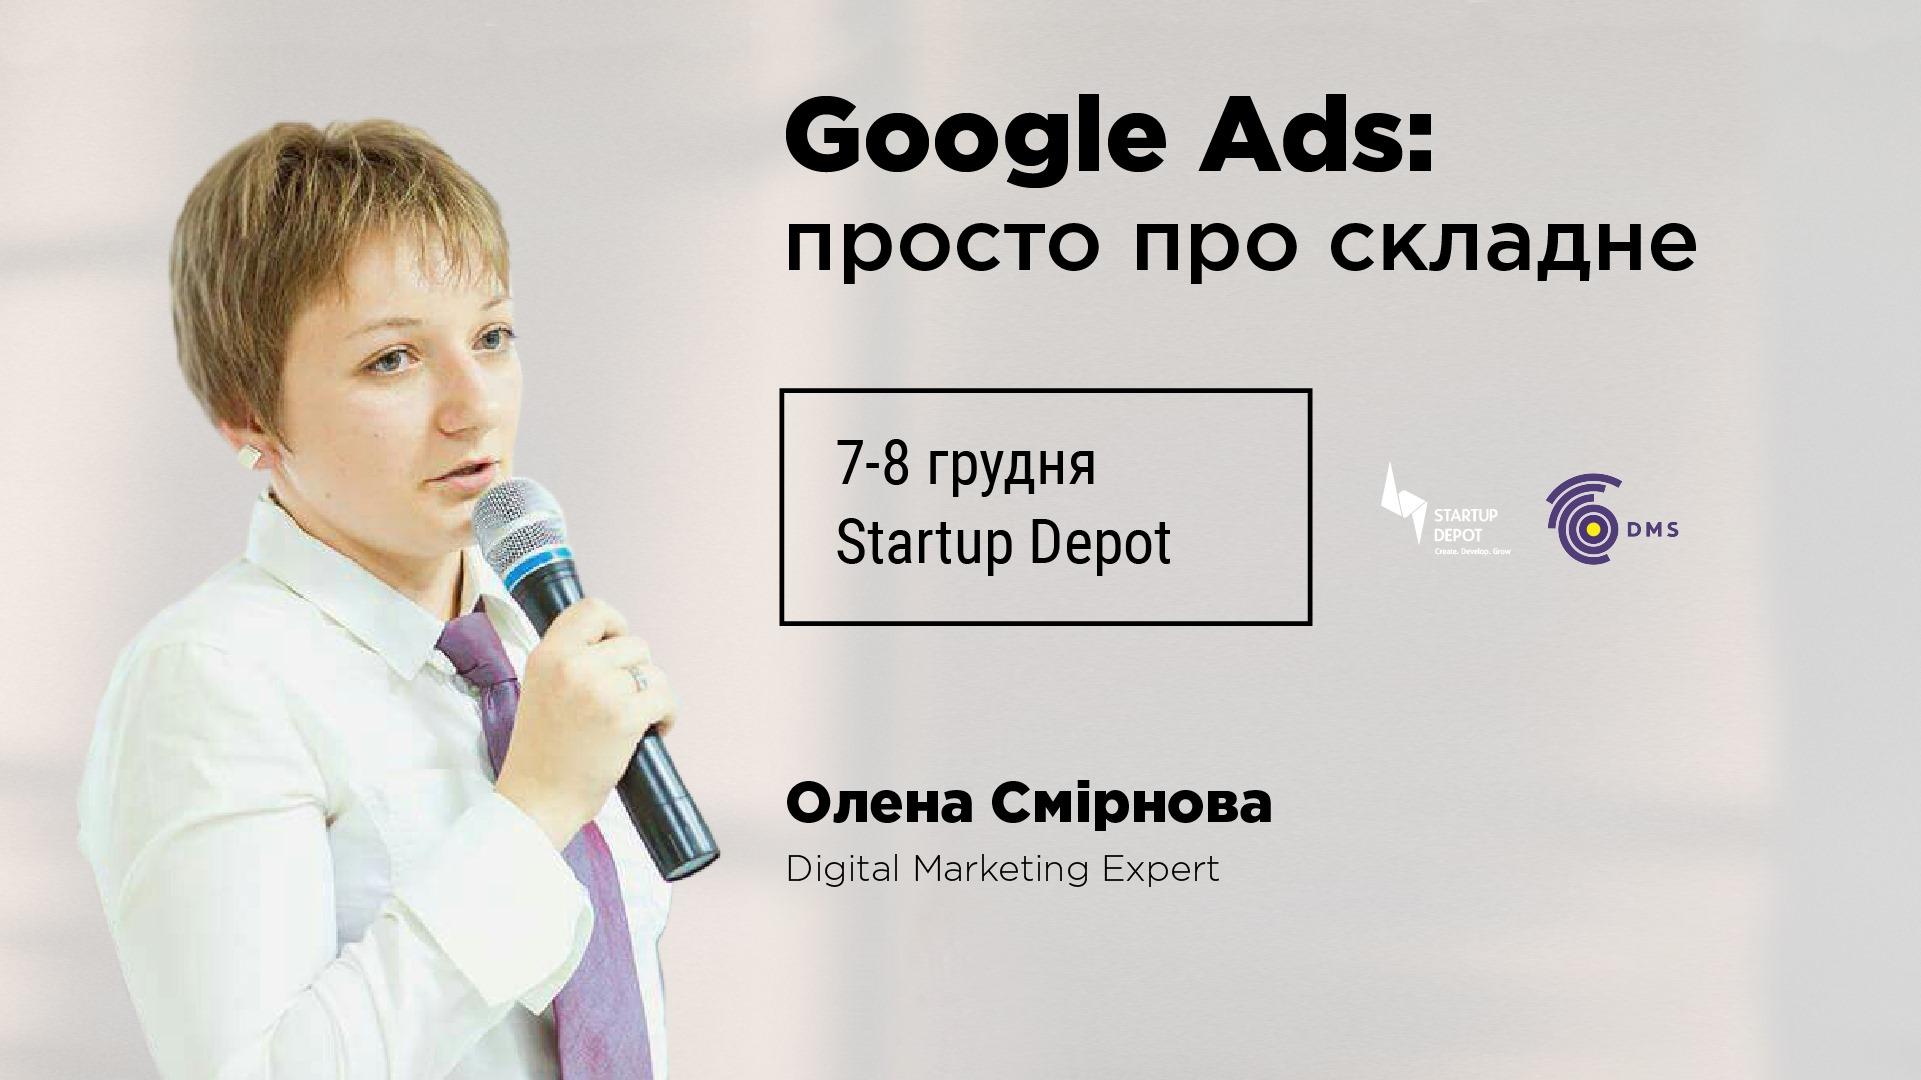 Google Ads: просто про складне